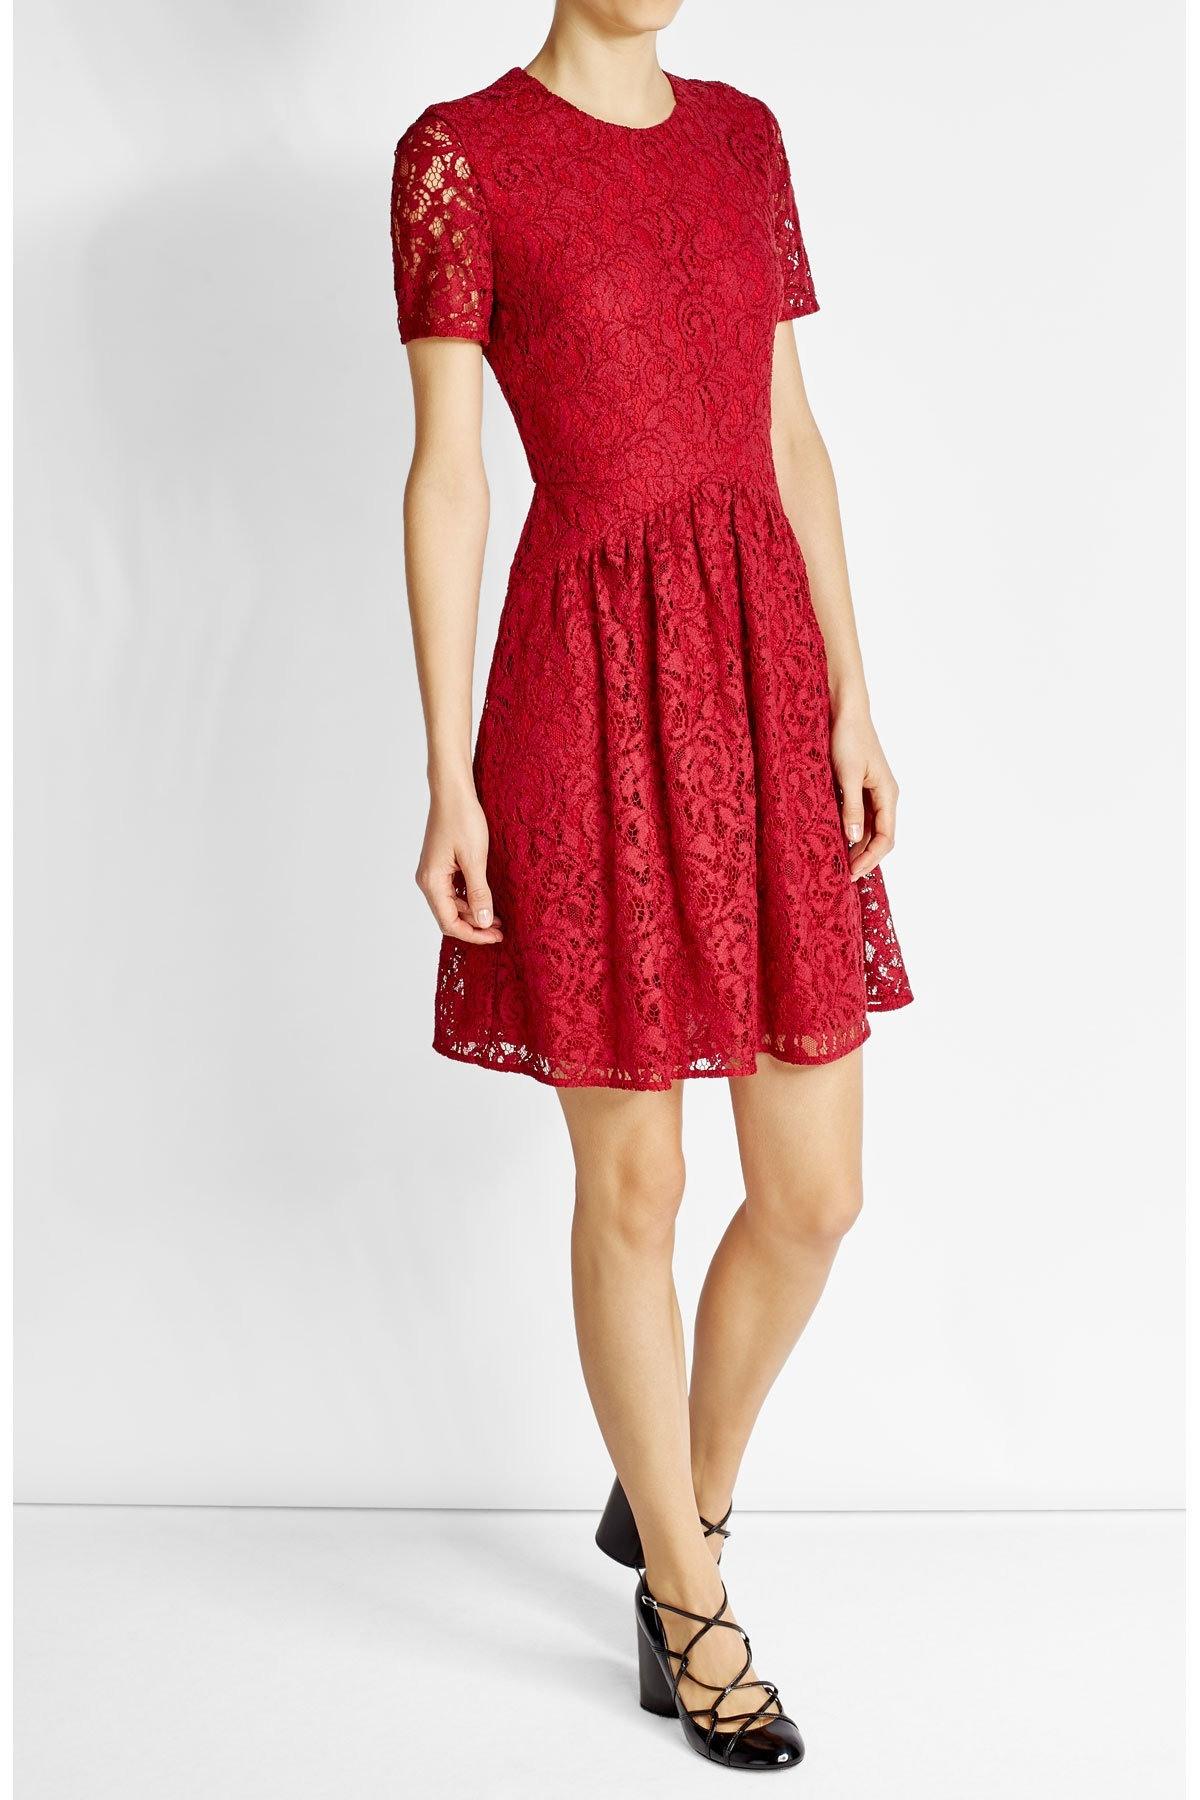 Spektakulär Kleid Rot Spitze DesignDesigner Großartig Kleid Rot Spitze Boutique